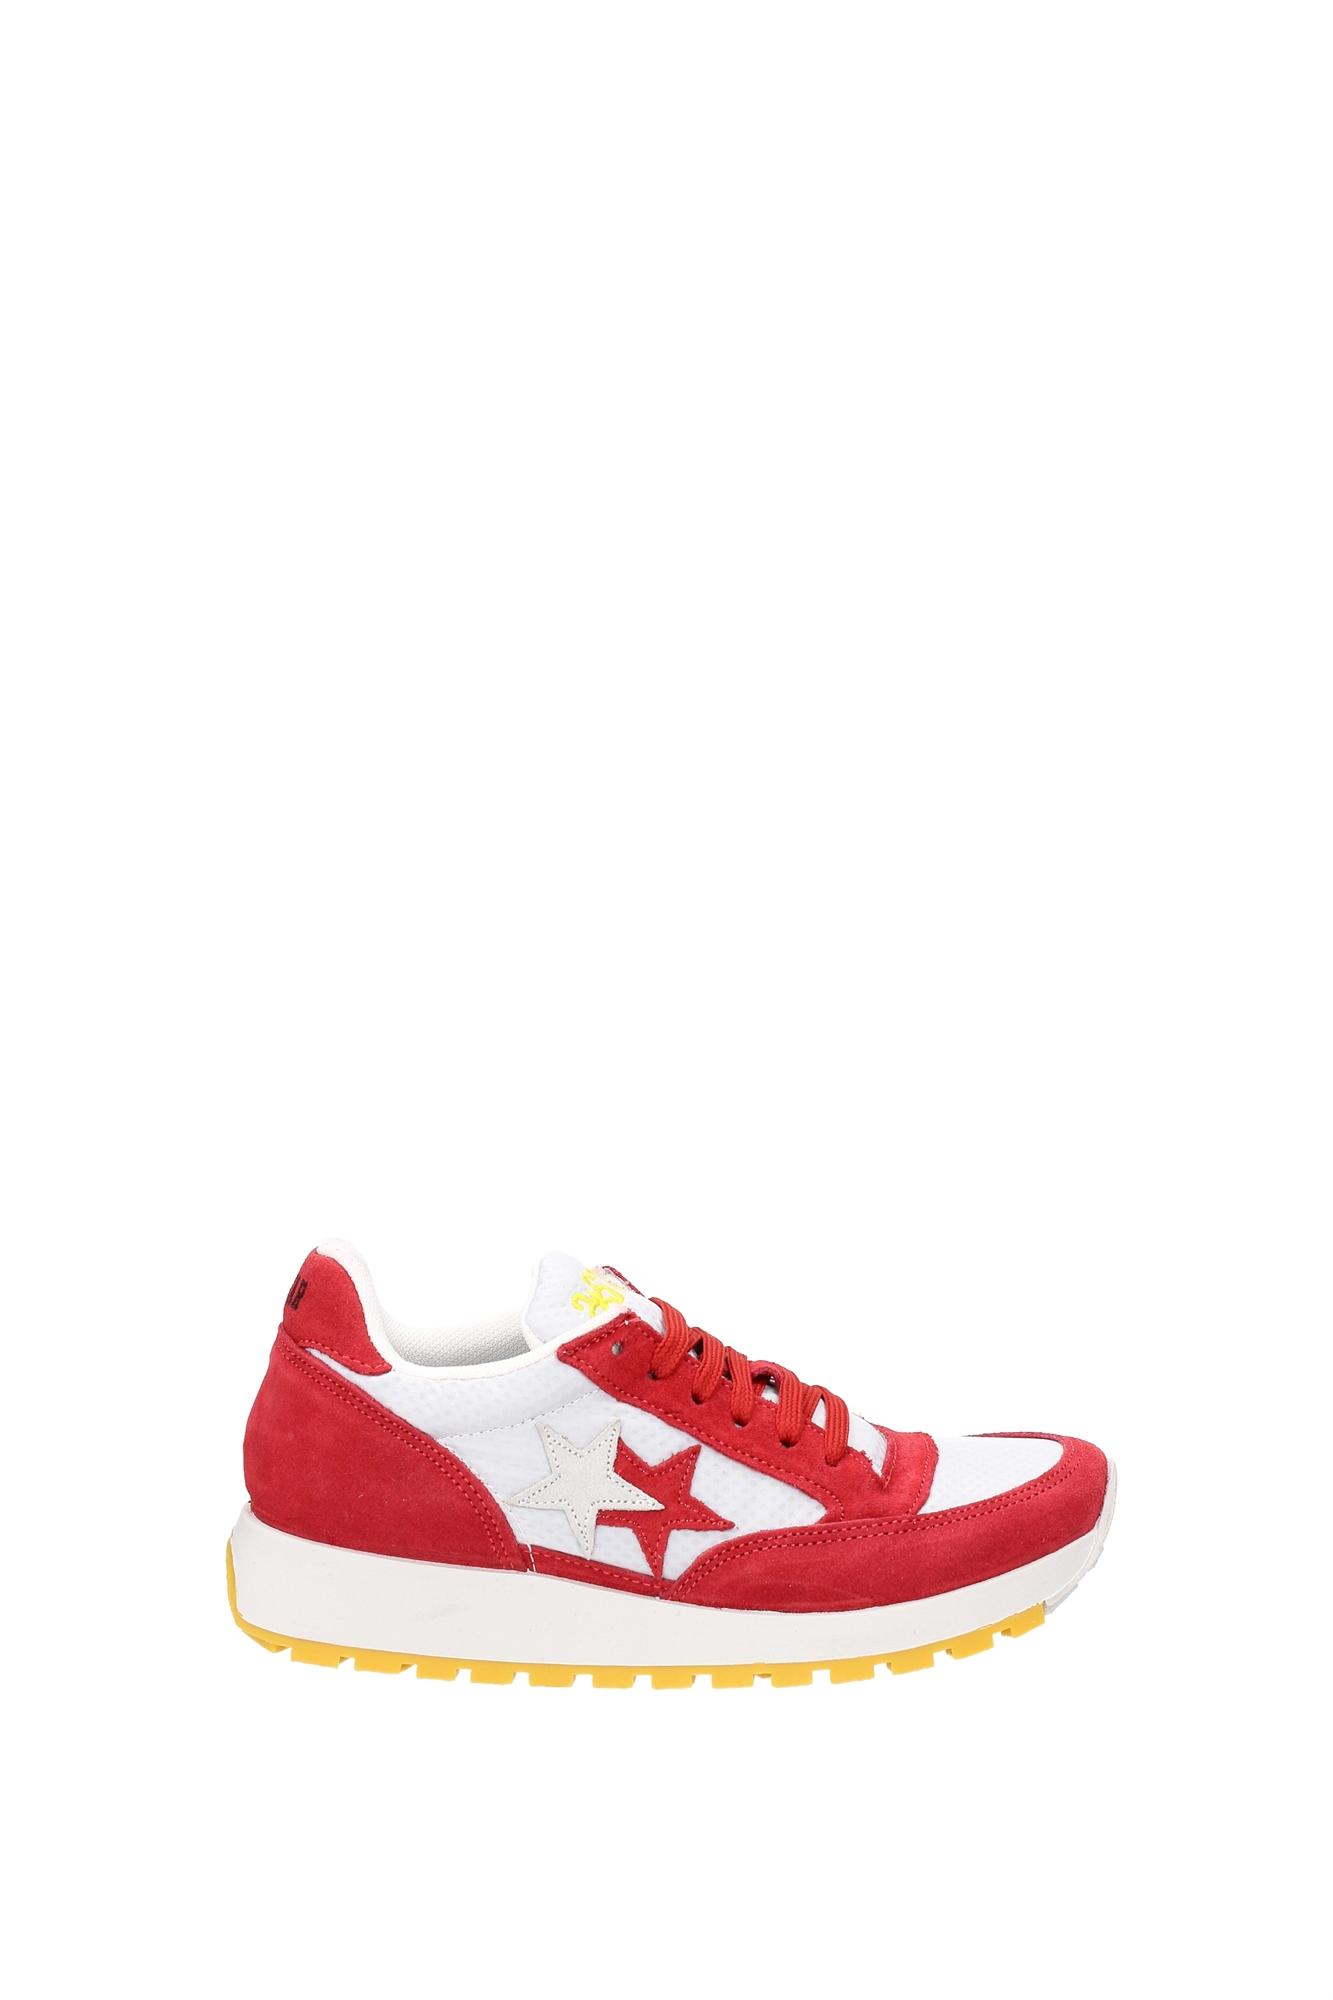 Messieurs / Dames Sneakers 2star   - - - Camoscio (2SD1147GHIACCIOAR) catégorie principale Beaux arts bien | Laissons Nos Produits De Base Aller Dans Le Monde  f6cf8f